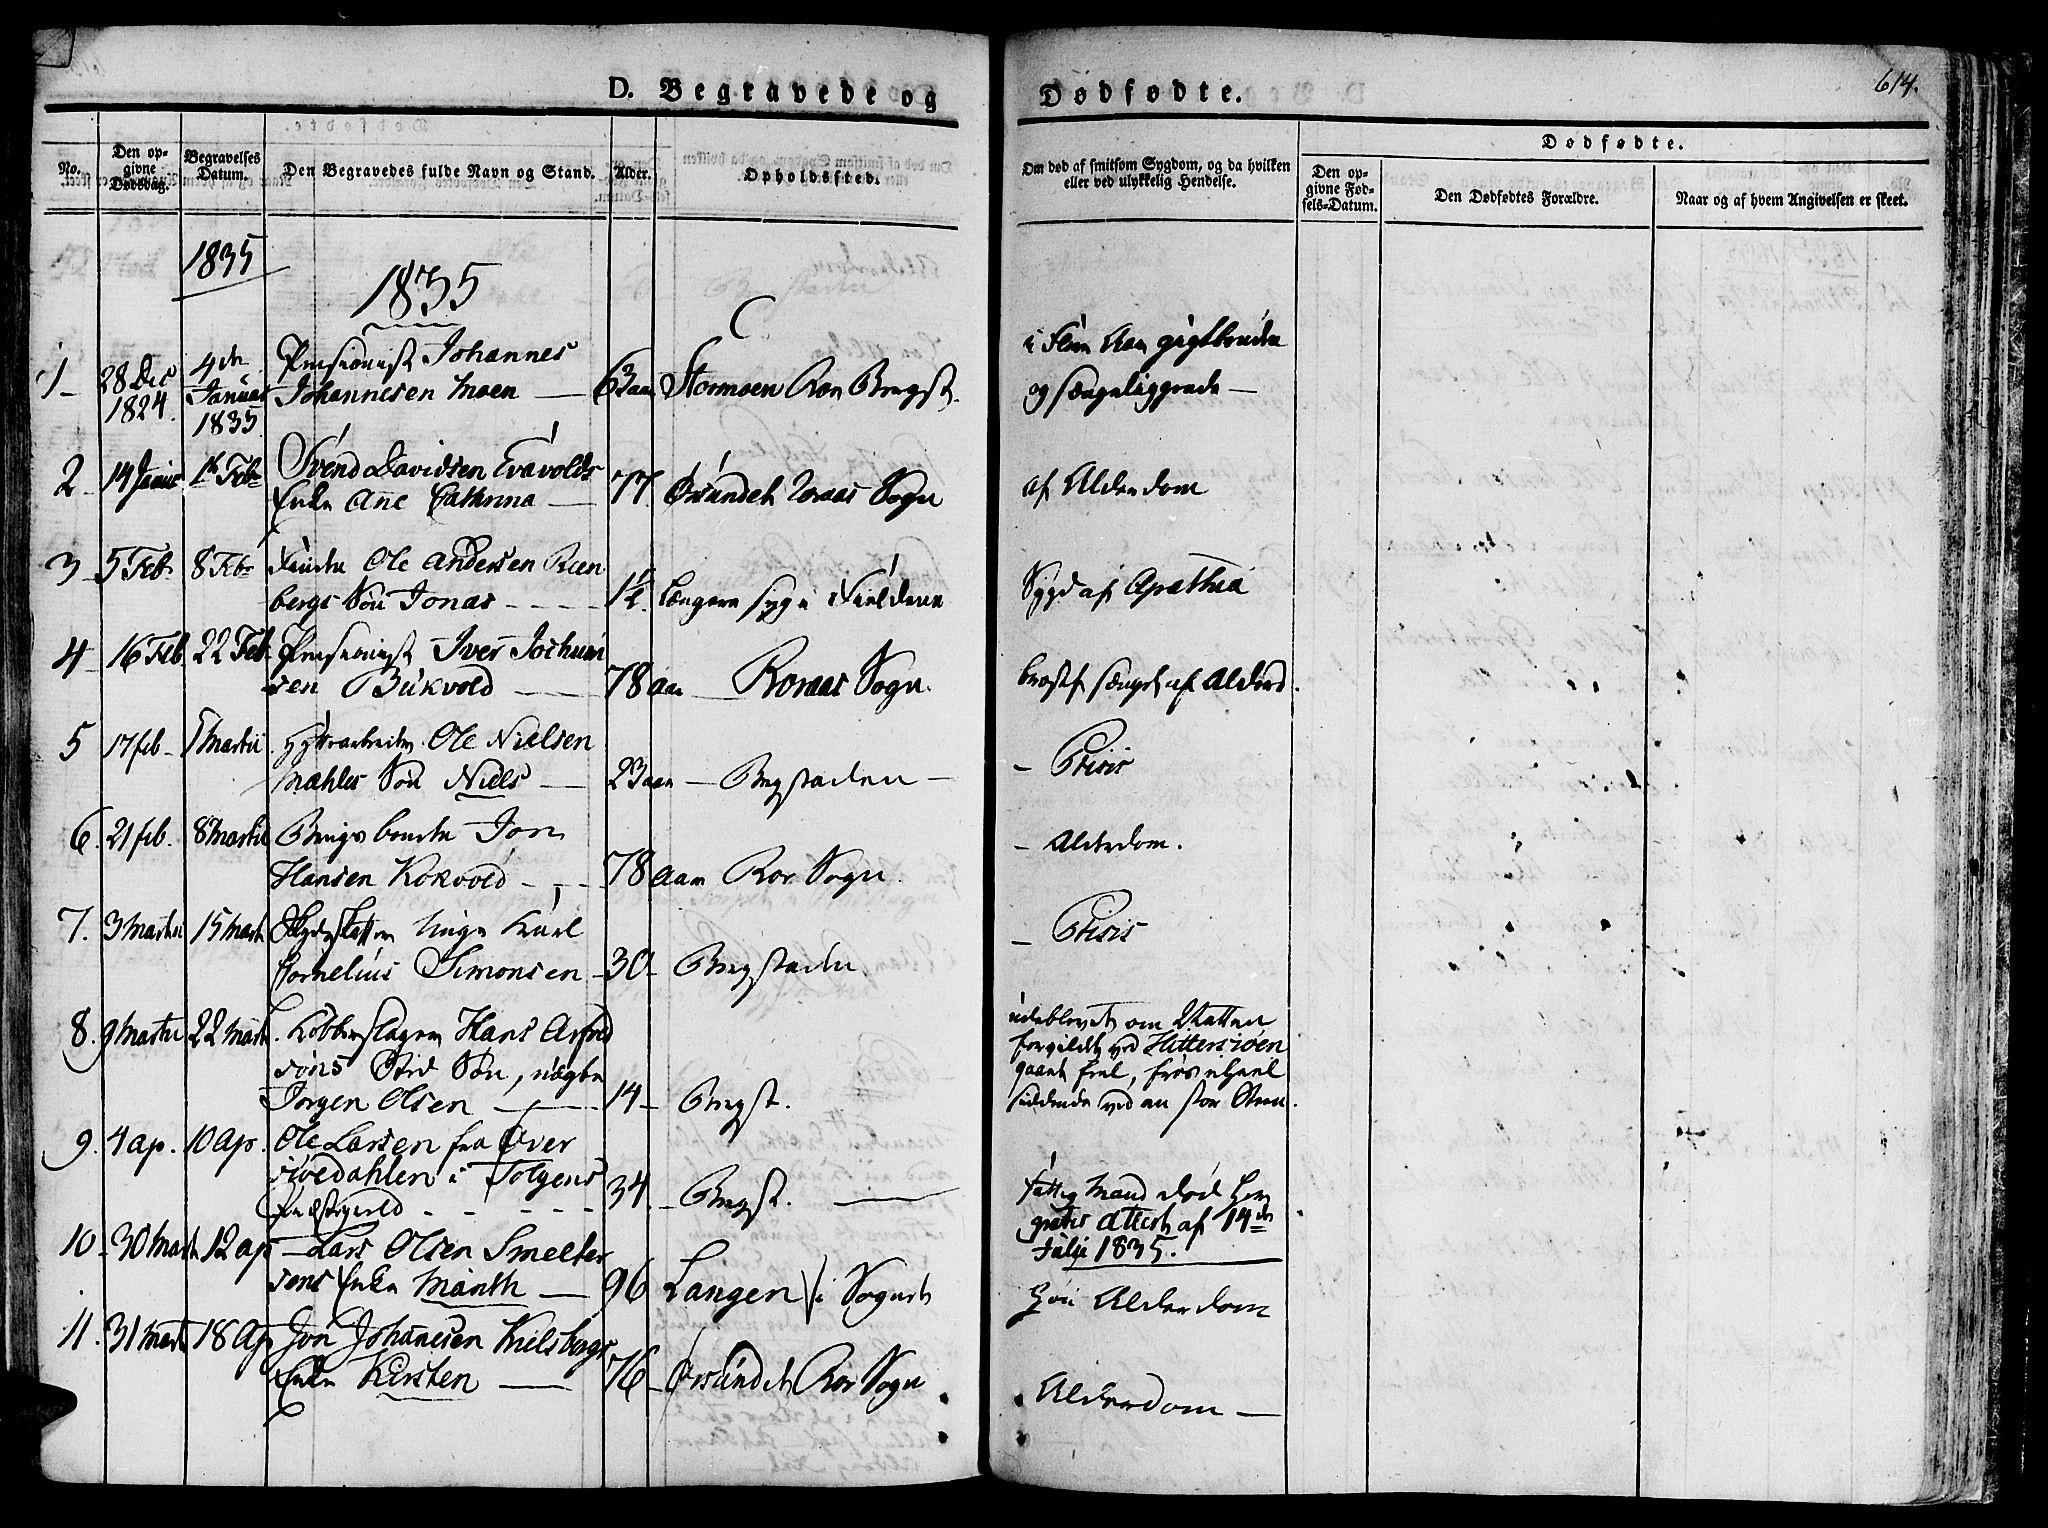 SAT, Ministerialprotokoller, klokkerbøker og fødselsregistre - Sør-Trøndelag, 681/L0930: Ministerialbok nr. 681A08, 1829-1844, s. 614